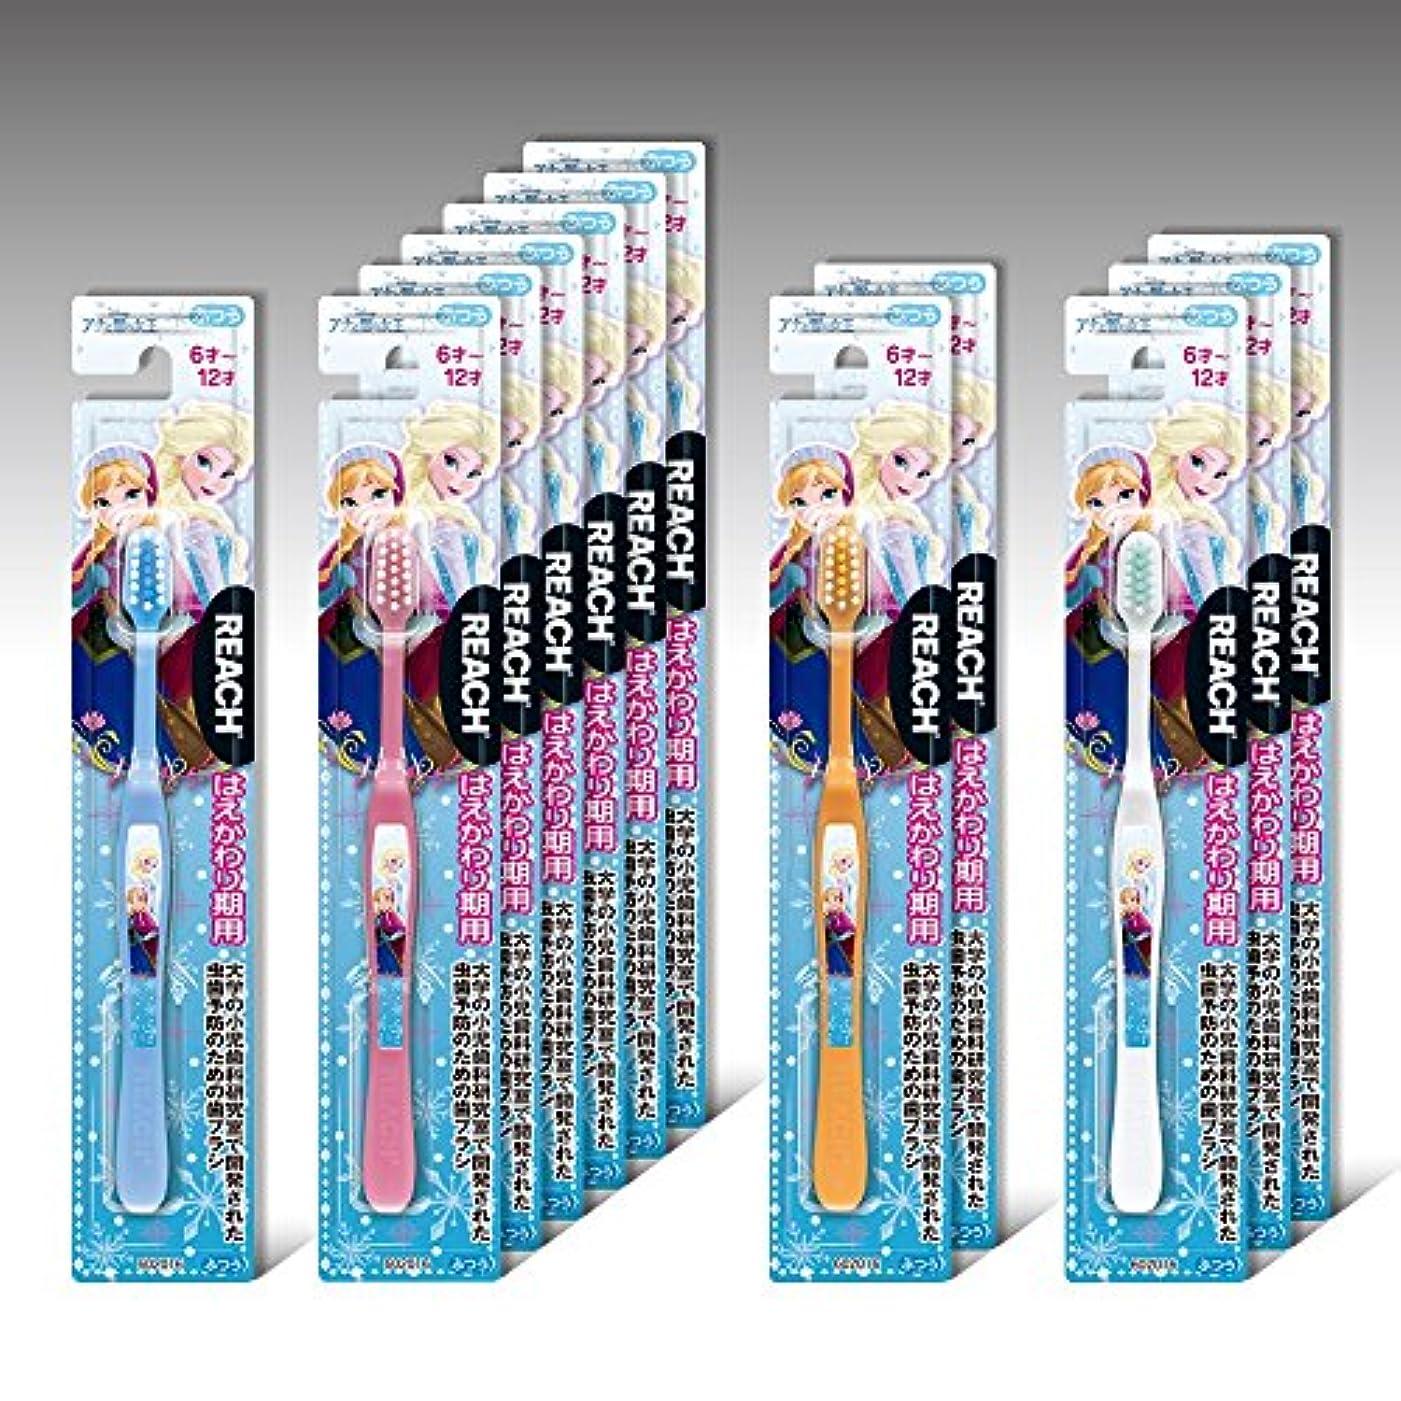 キャリア十代荒れ地リーチキッズ ディズニー アナと雪の女王 はえかわり期用(6~12才) 12本セット